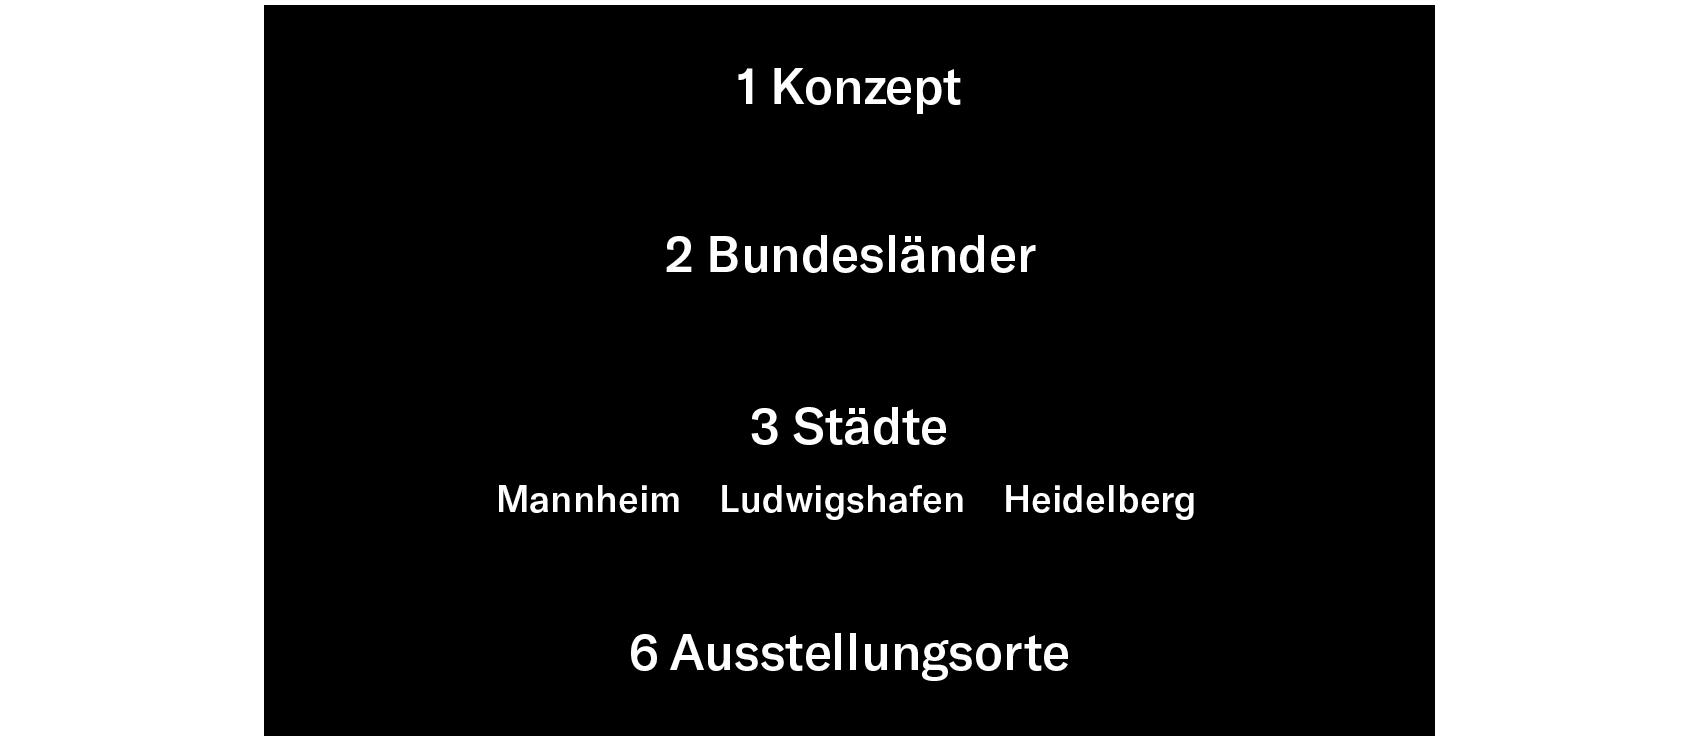 Die Grafik beschreibt die Struktur der Biennale für aktuelle Fotografie: ein Konzept, das in zwei Bundesländern, in den drei Städten Mannheim, Ludwigshafen und Heidelberg und in sechs Ausstellungsorten umgesetzt wird.